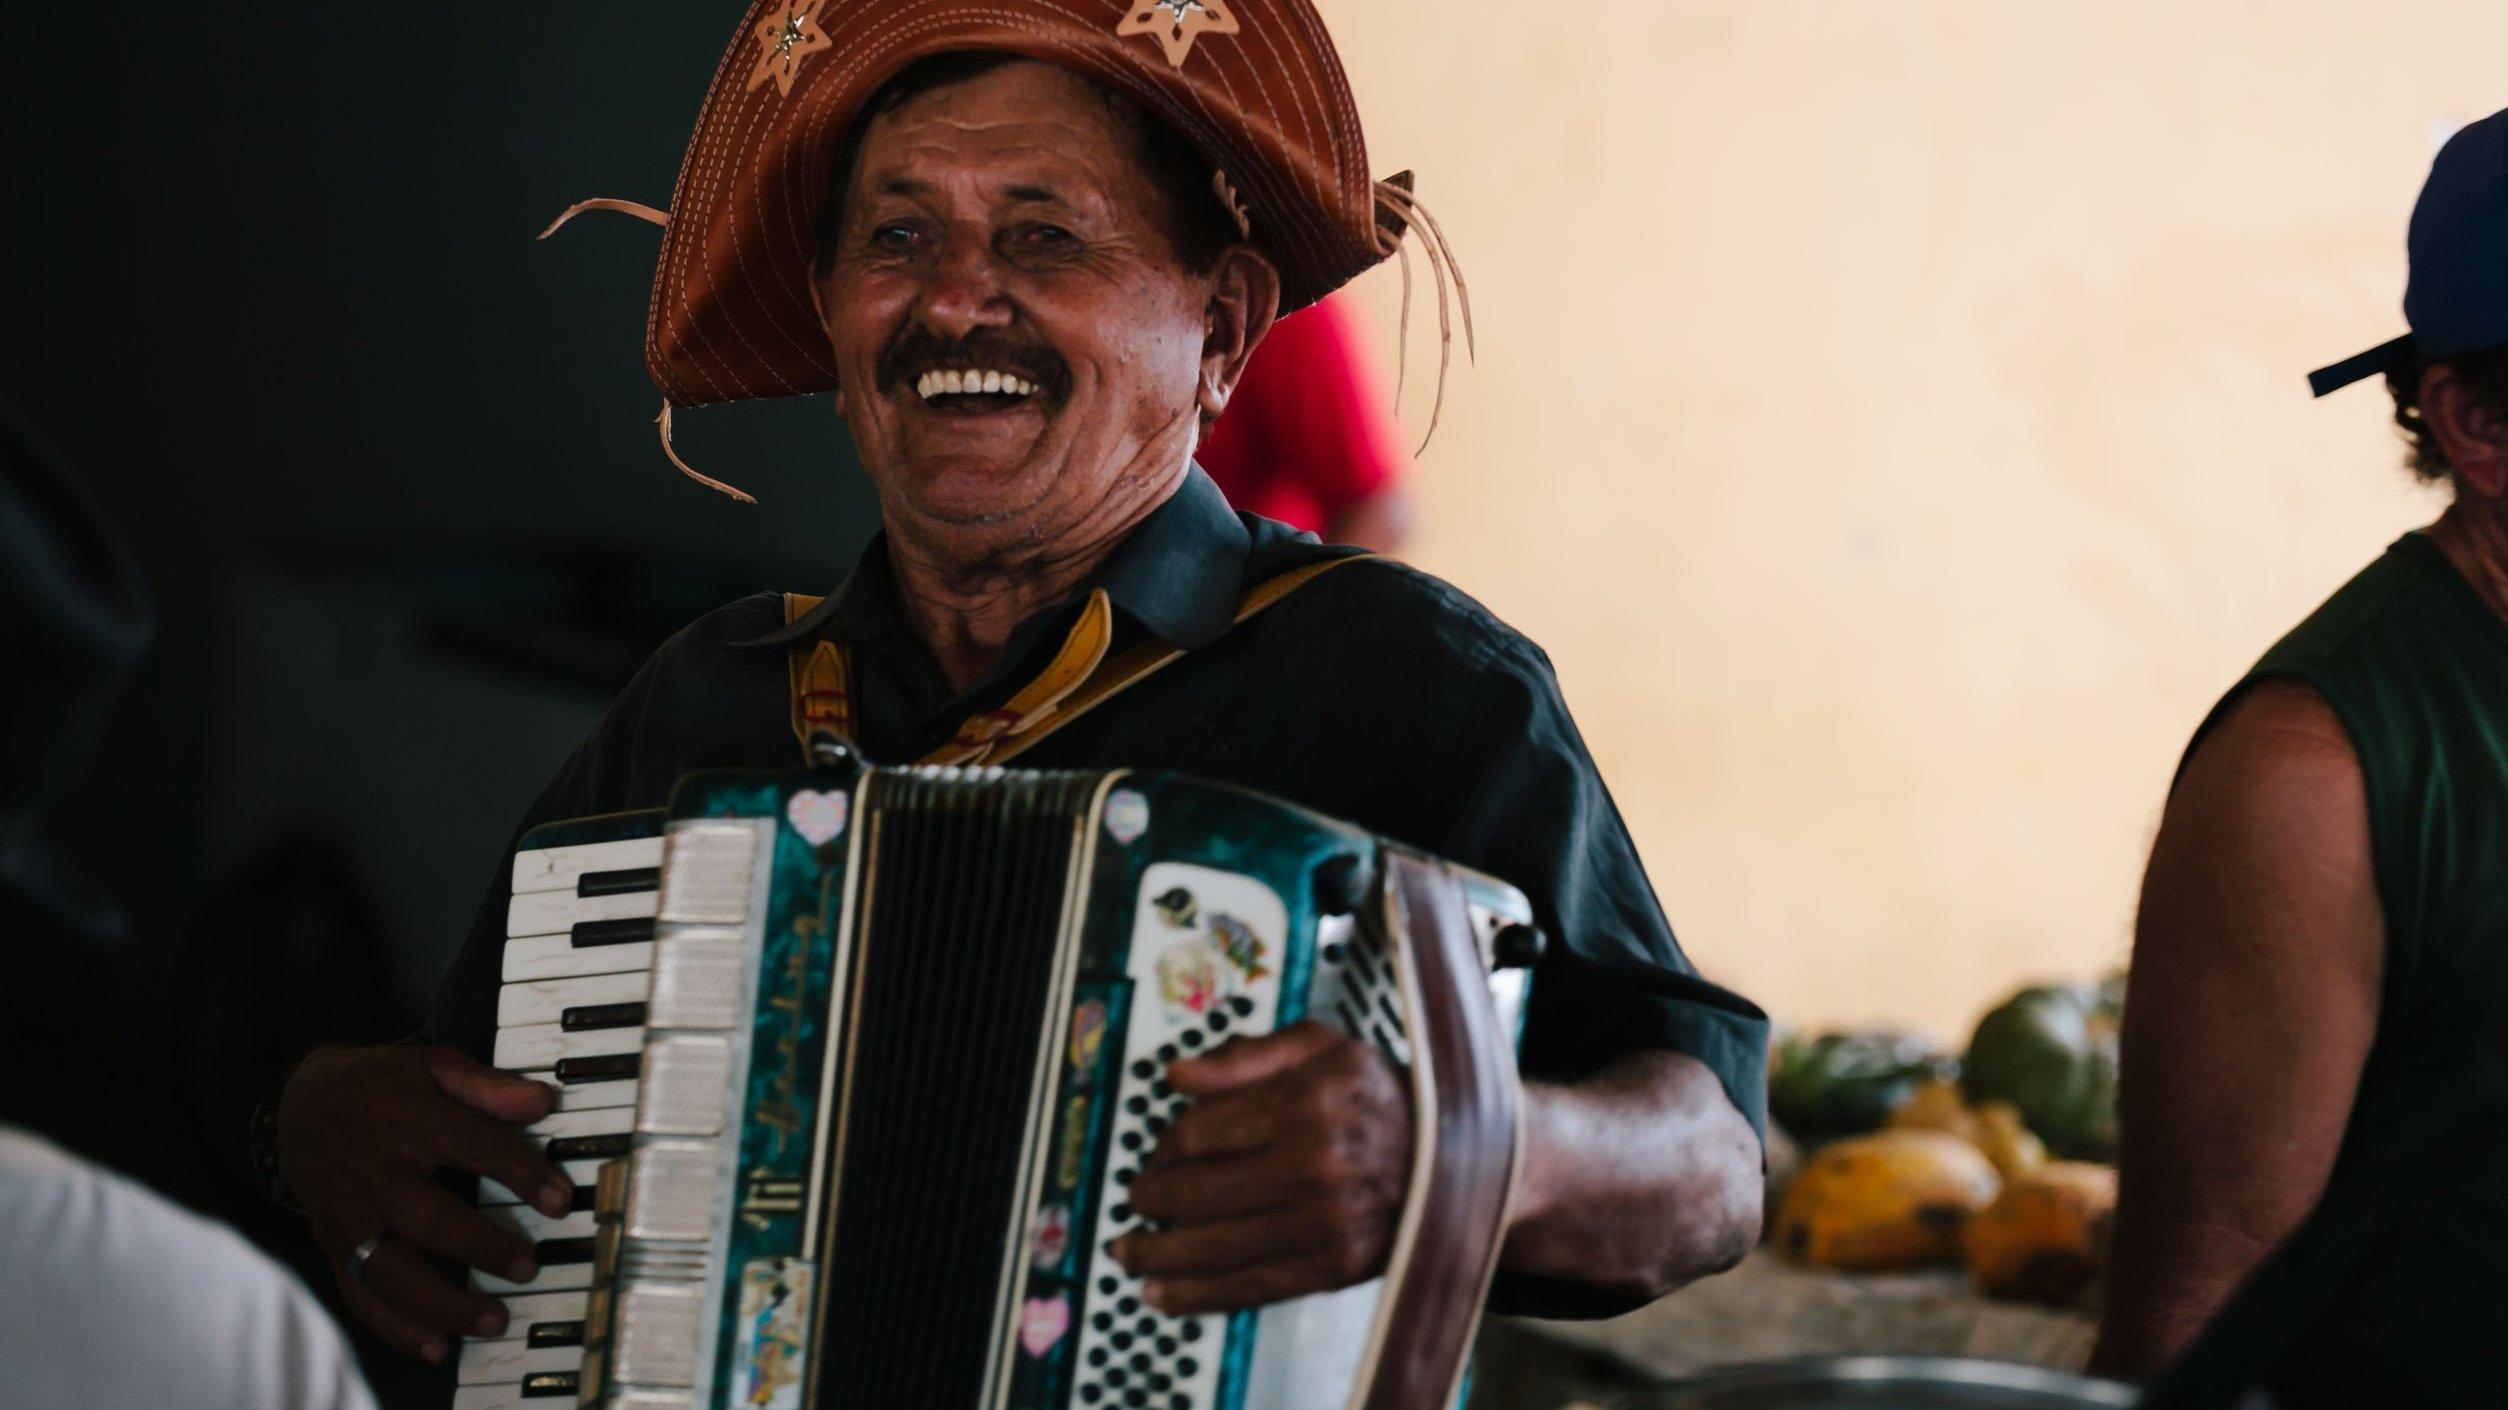 Homem nordestino sorrindo e tocando sanfona.